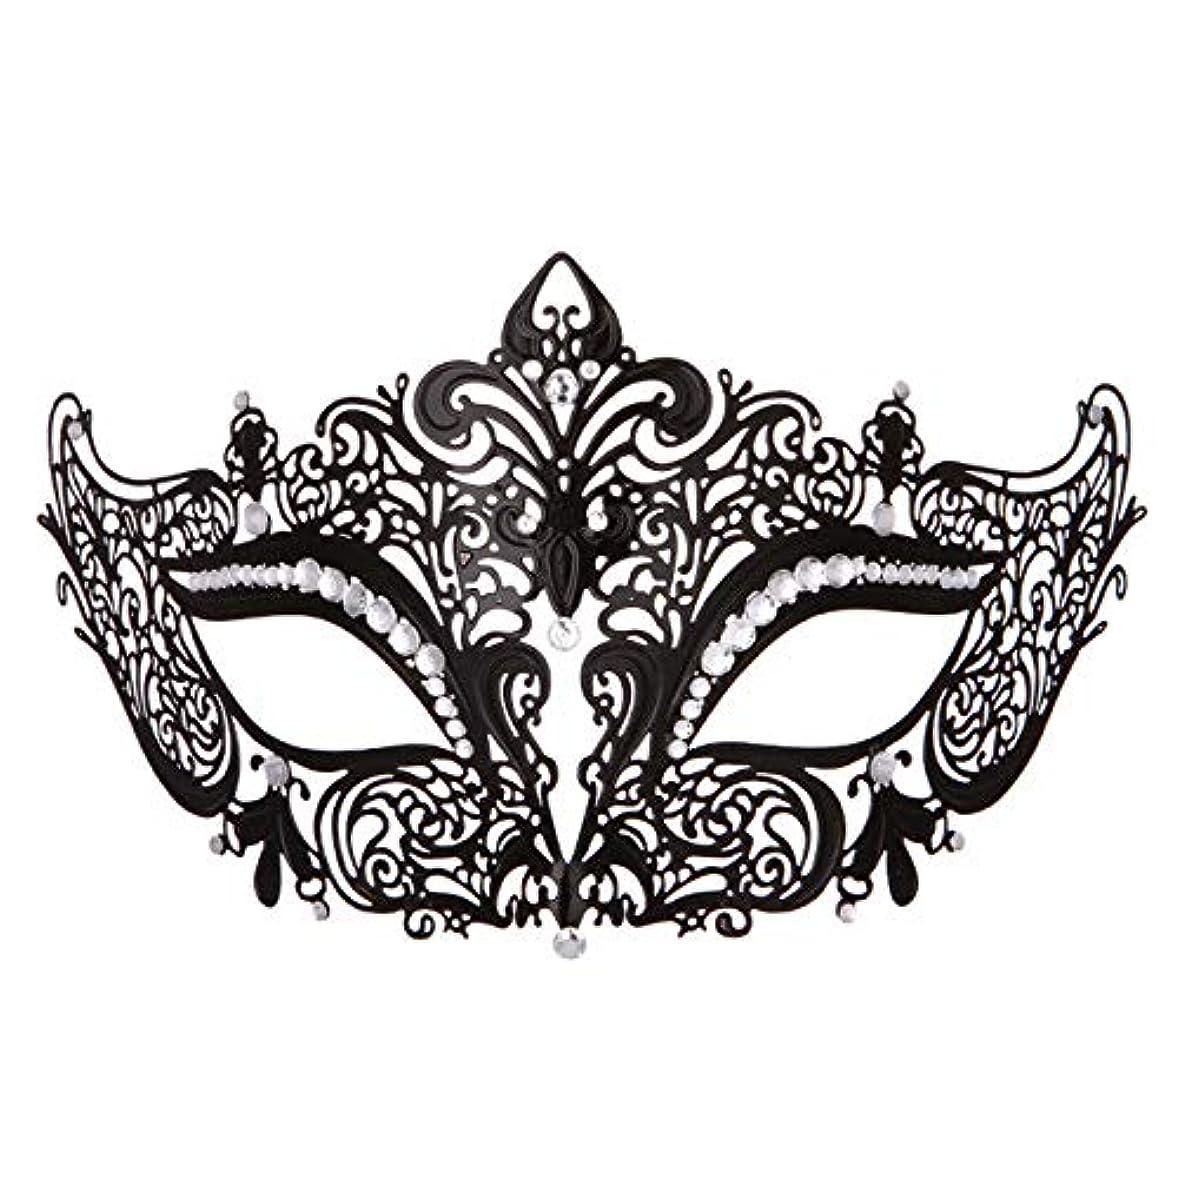 一緒に協会かまどメタルマスク/ダイヤモンドカットマスク/アイアンマスクキャットヘッドブラック/ハロウィーン、パーティー、仮面舞踏会、お祝いマスク